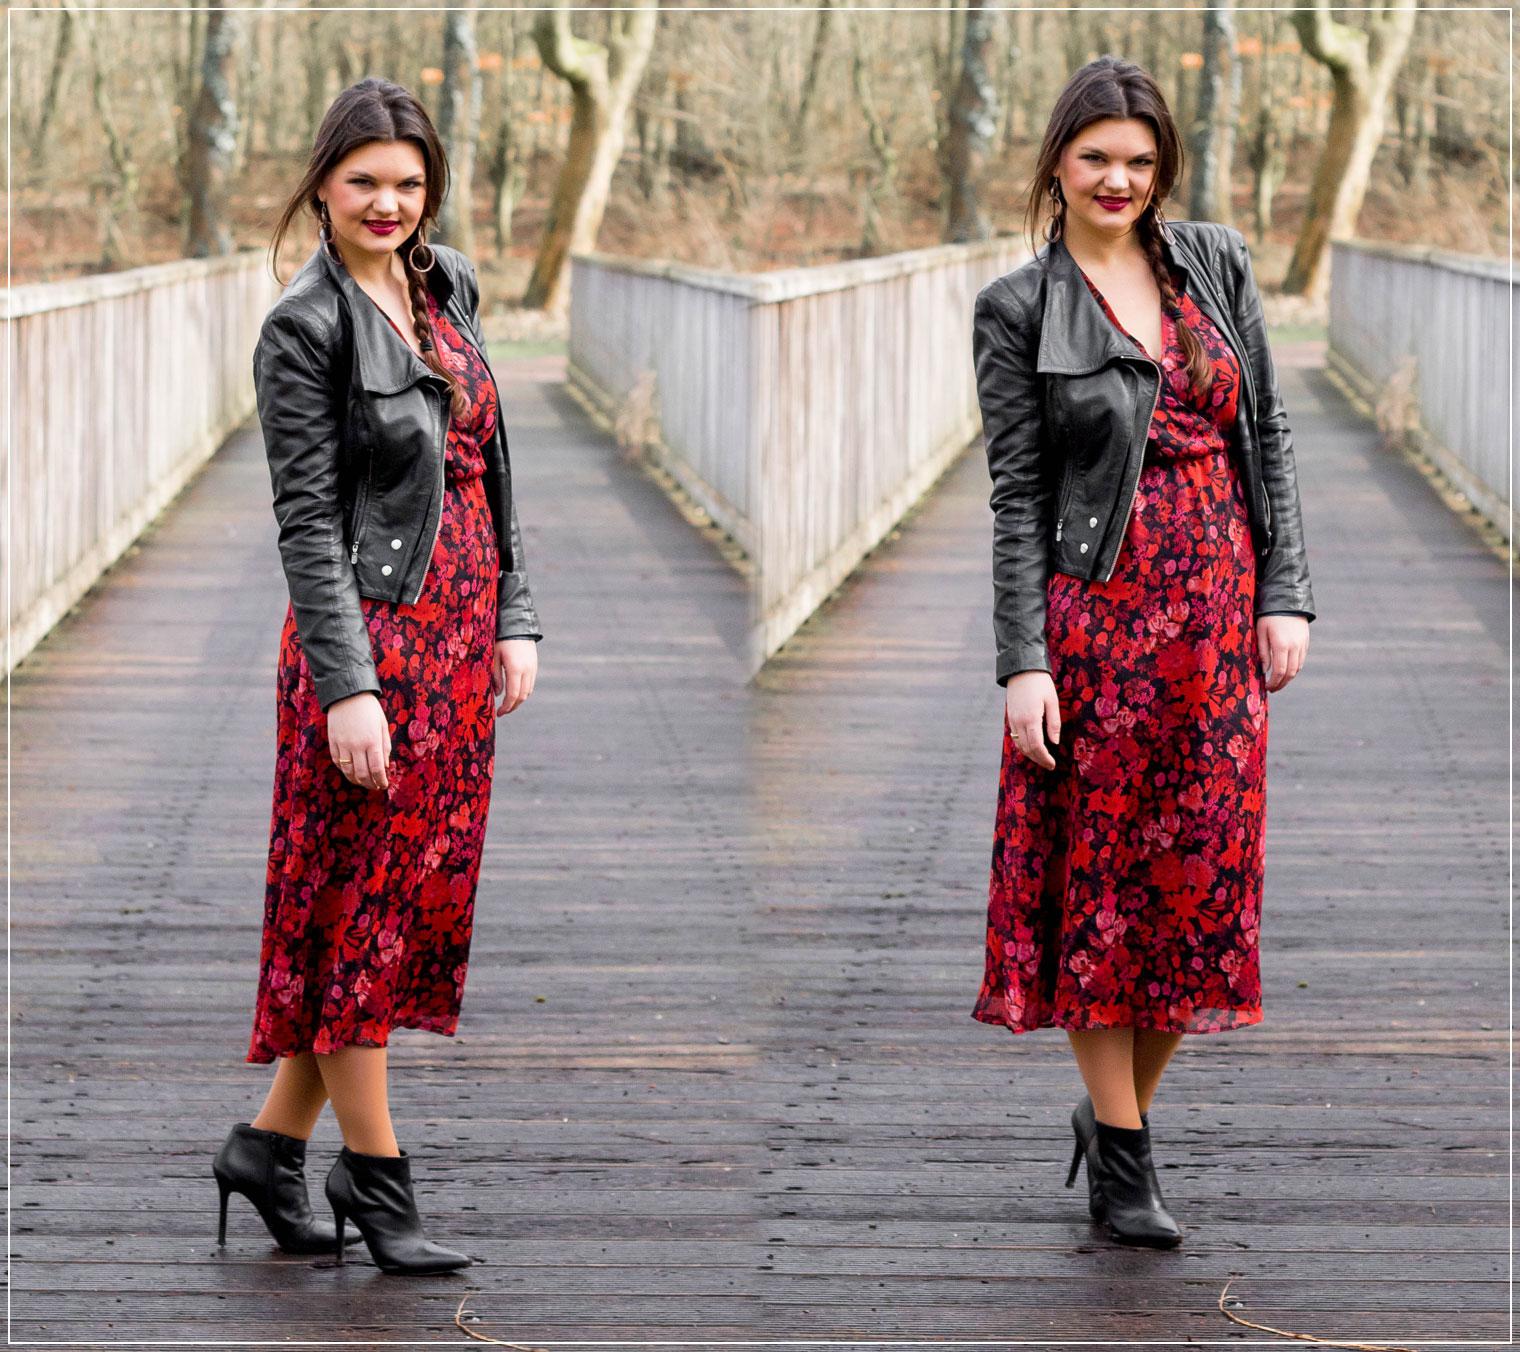 Blumenkleid und Leder kombinieren, Blumenmuster, Keypiece, Fruehlingslook, Spring Style, Modetrend, Styleguide, Outfitinspiration, Modebloggerin, Fashionbloggerin, Modeblog, Ruhrgebiet